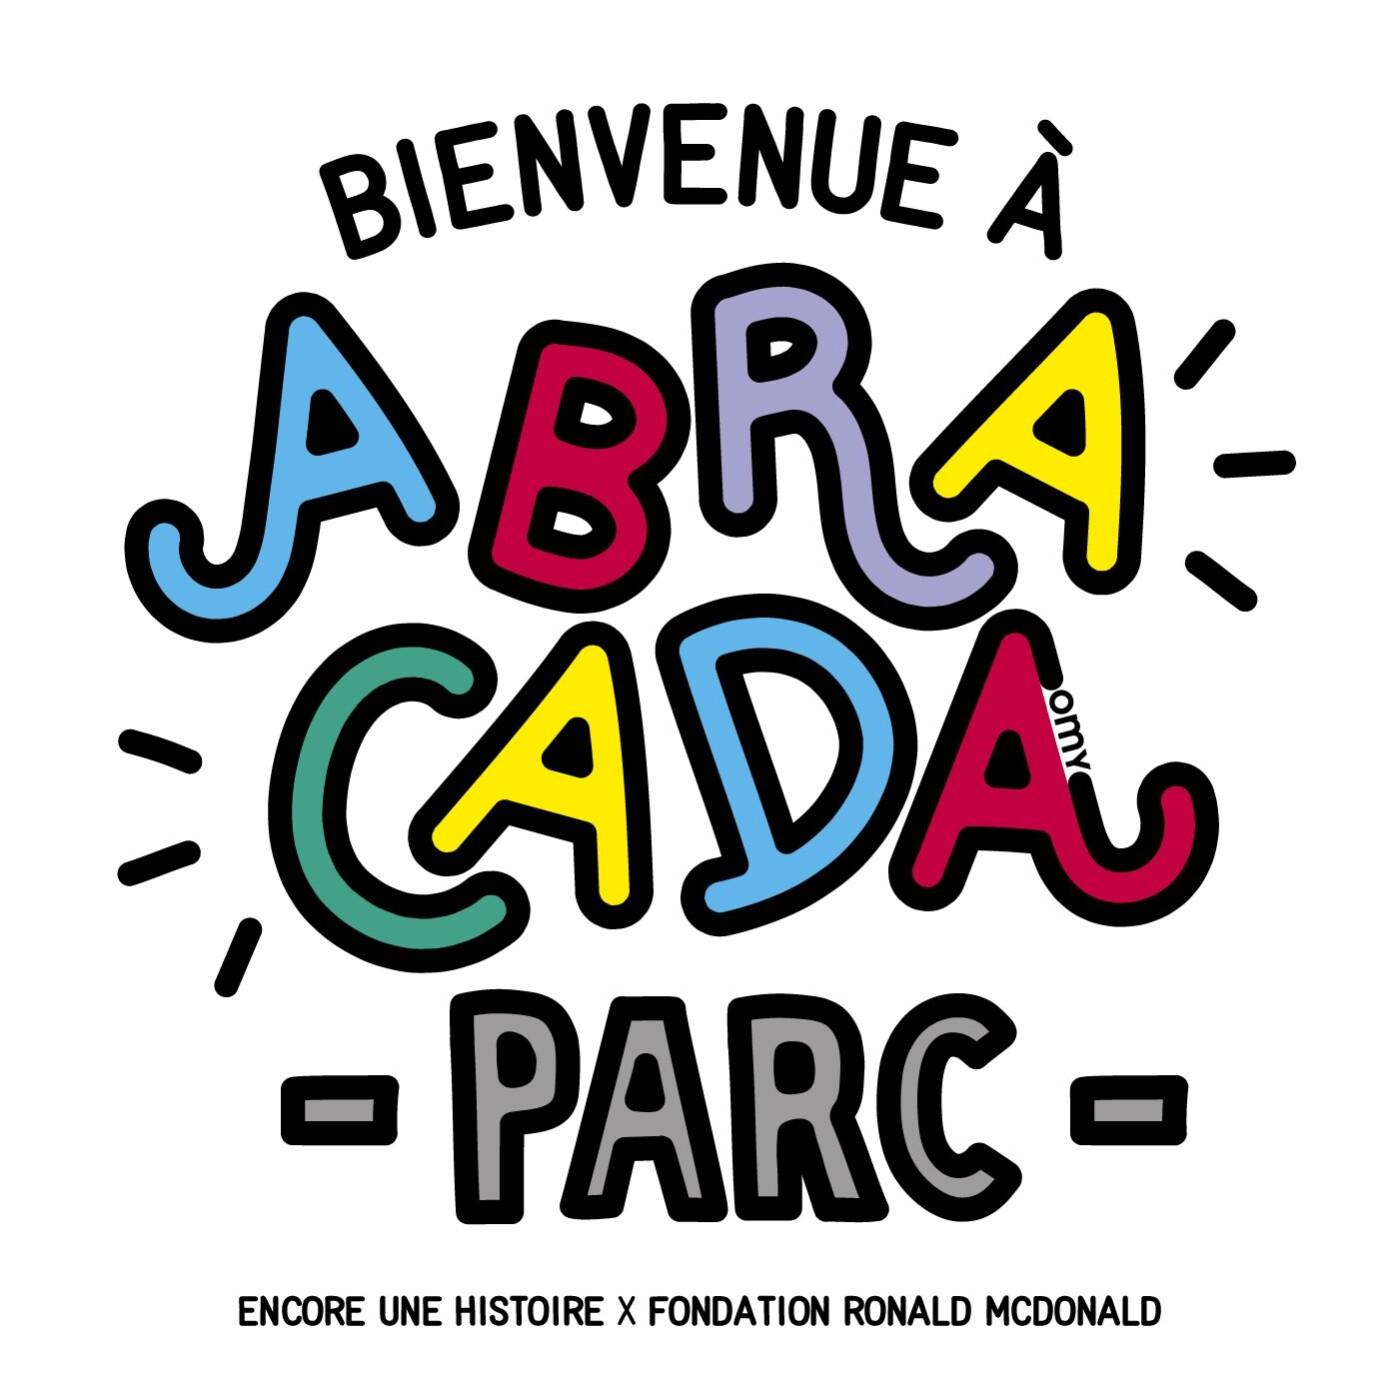 Bienvenue à AbracadaParc - épisode 4